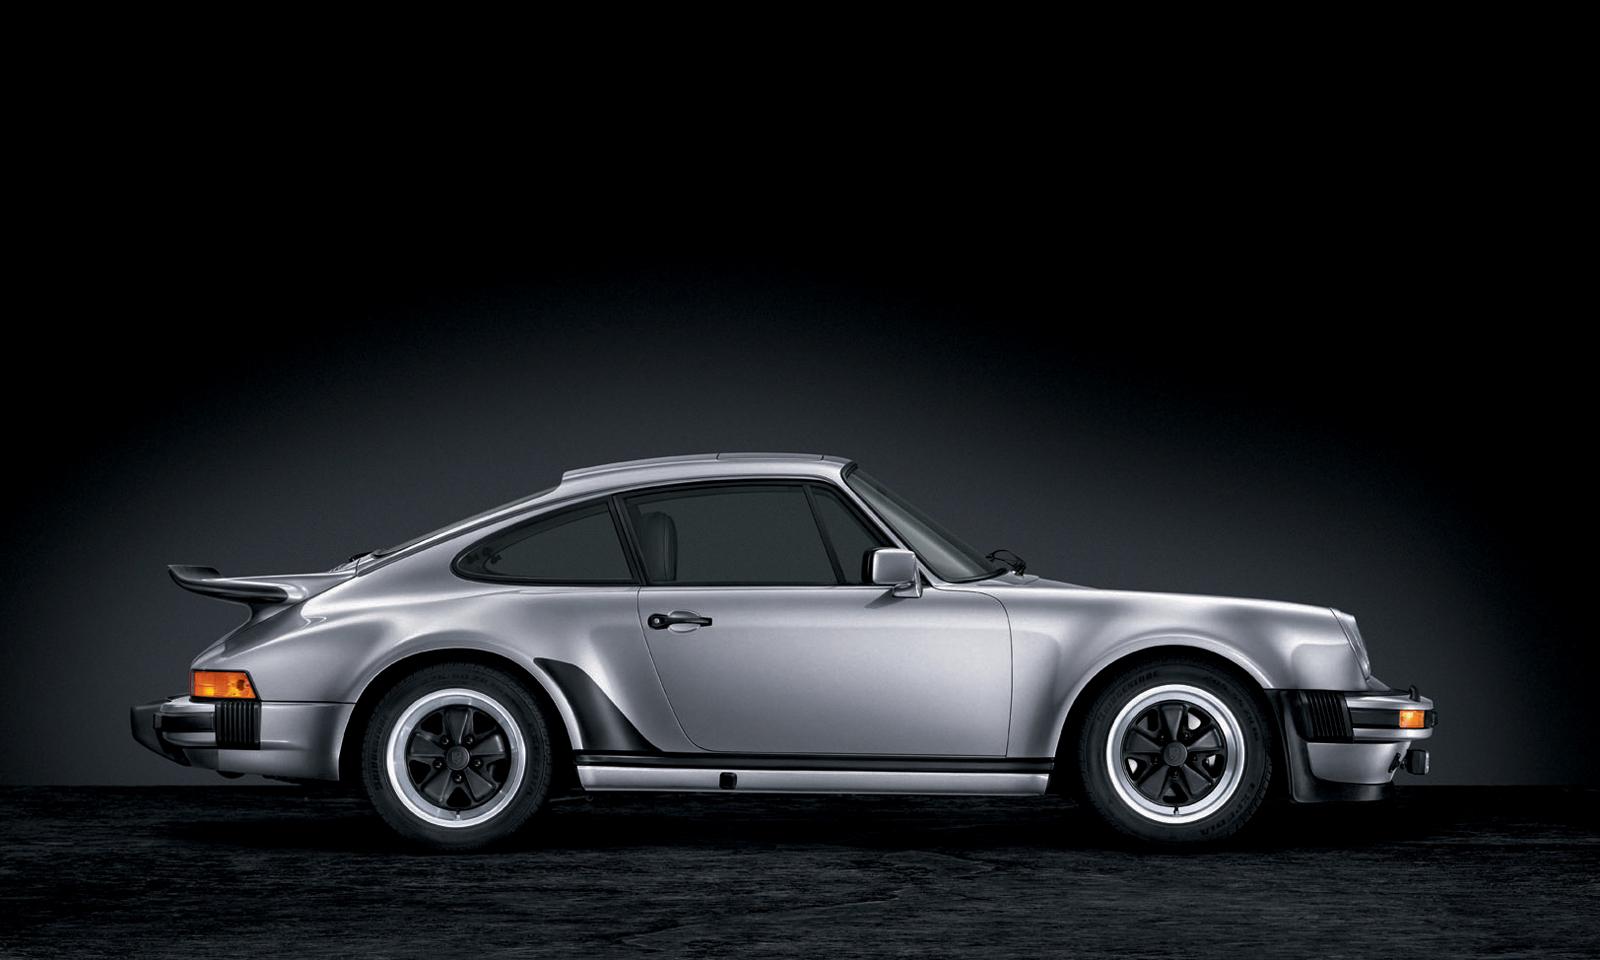 911-930 Turbo 1973-1989